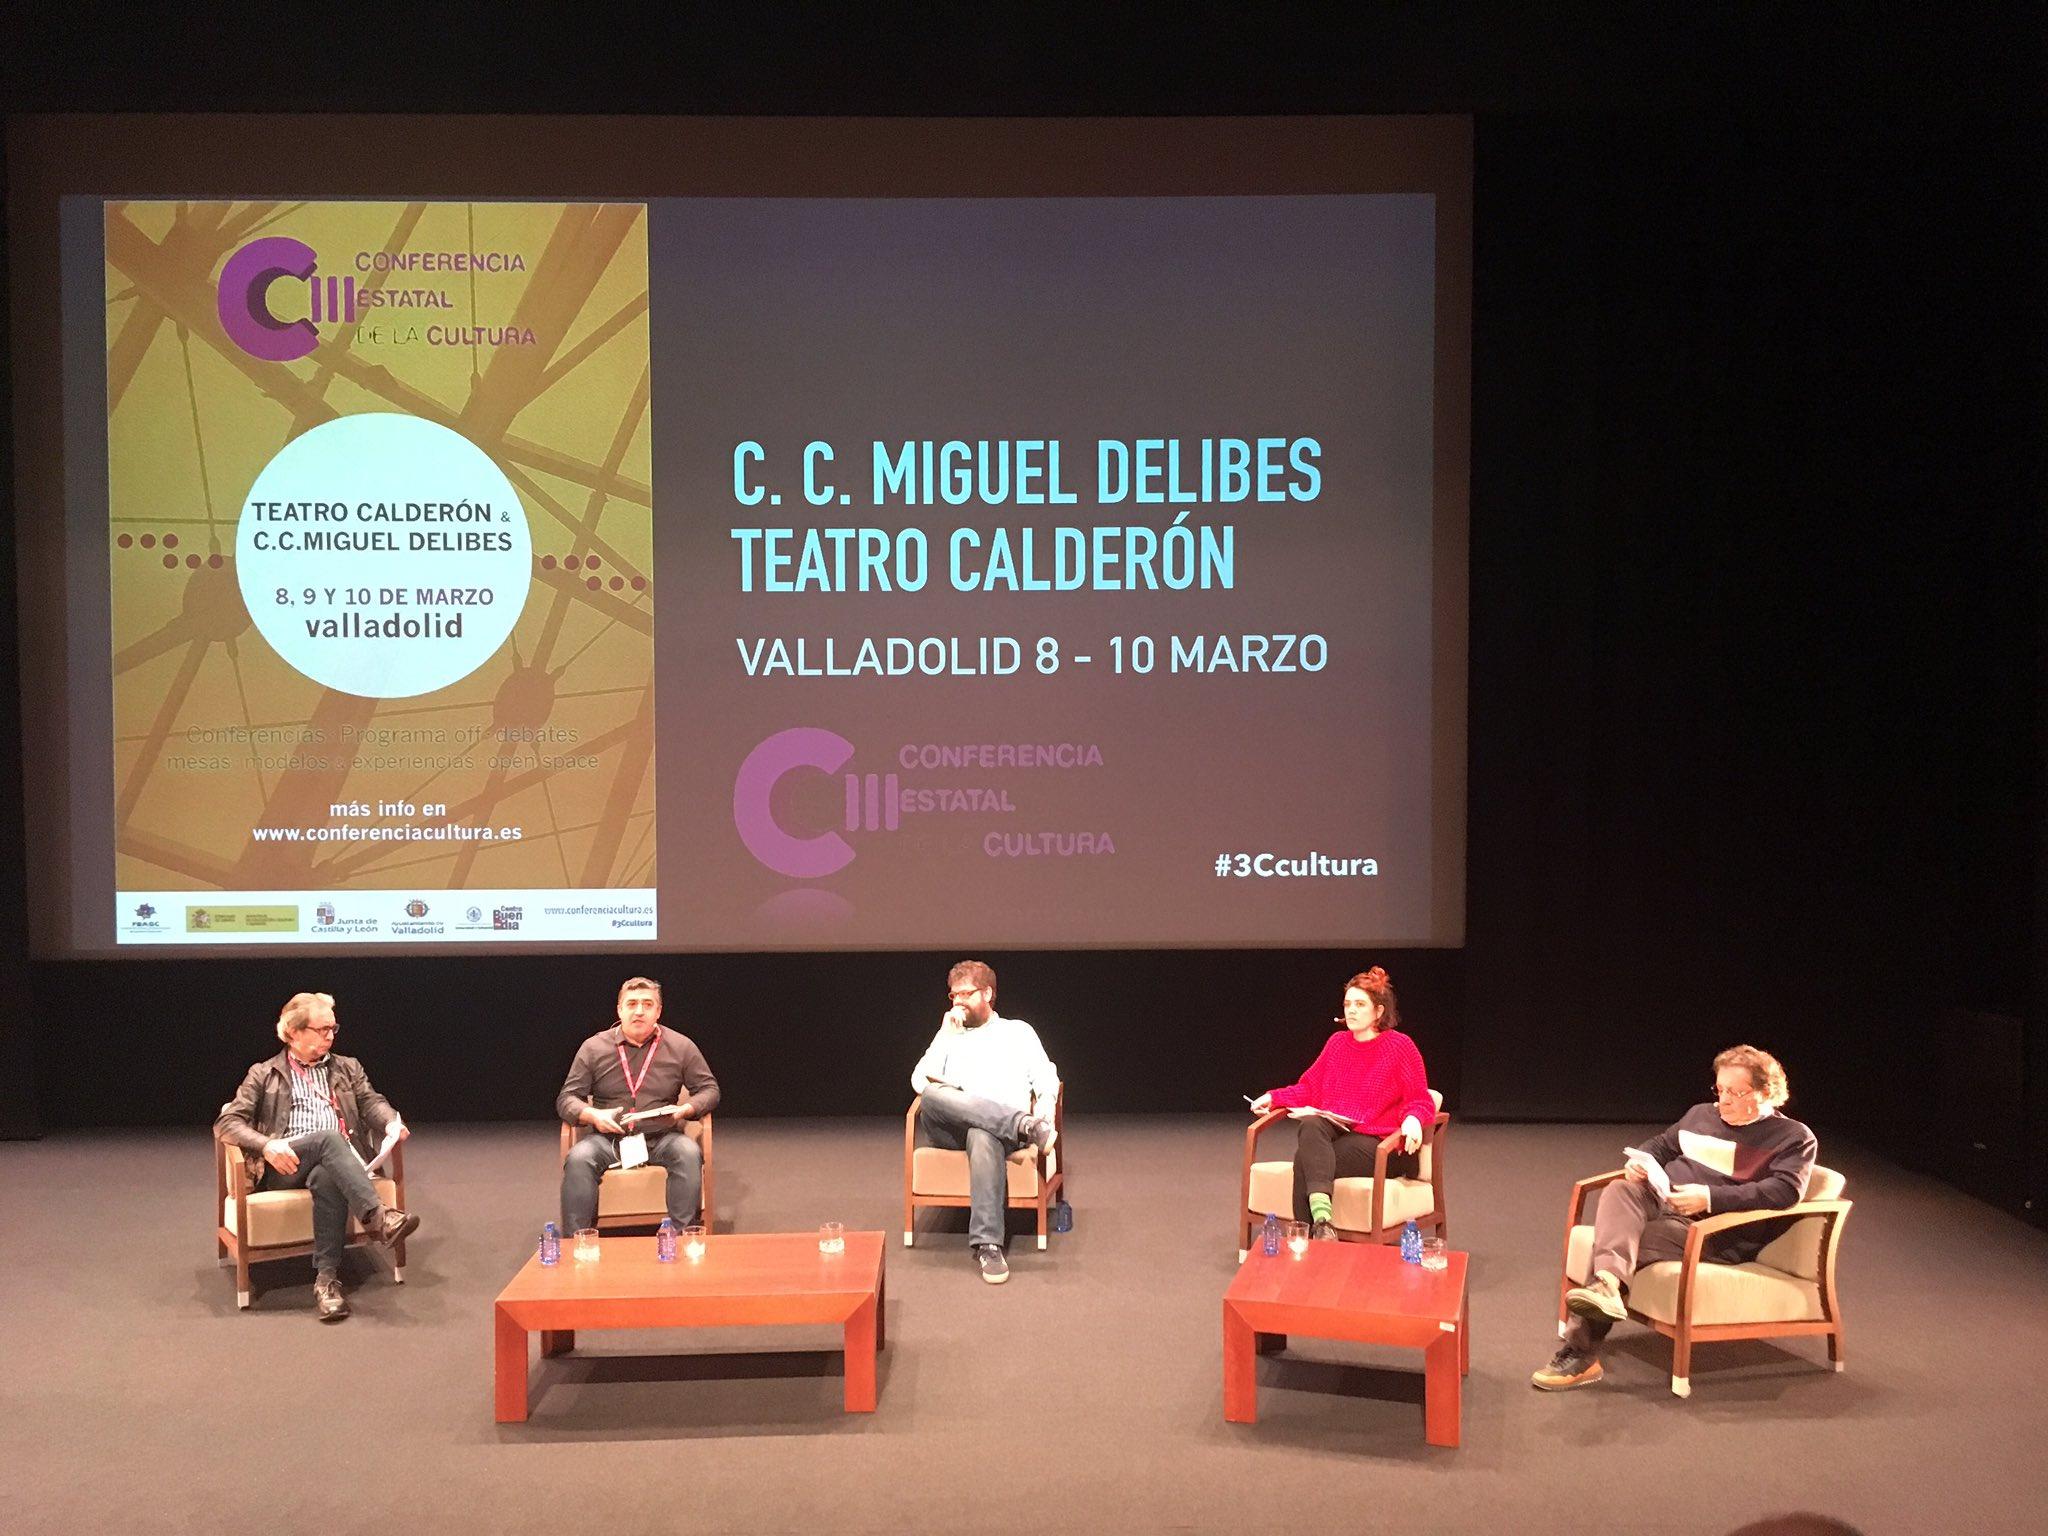 """""""La #cultura nos atraviesa en la vida"""" @satiagoeraso en #3ccultura @GesCulCyL https://t.co/8WOP8VkAQp"""